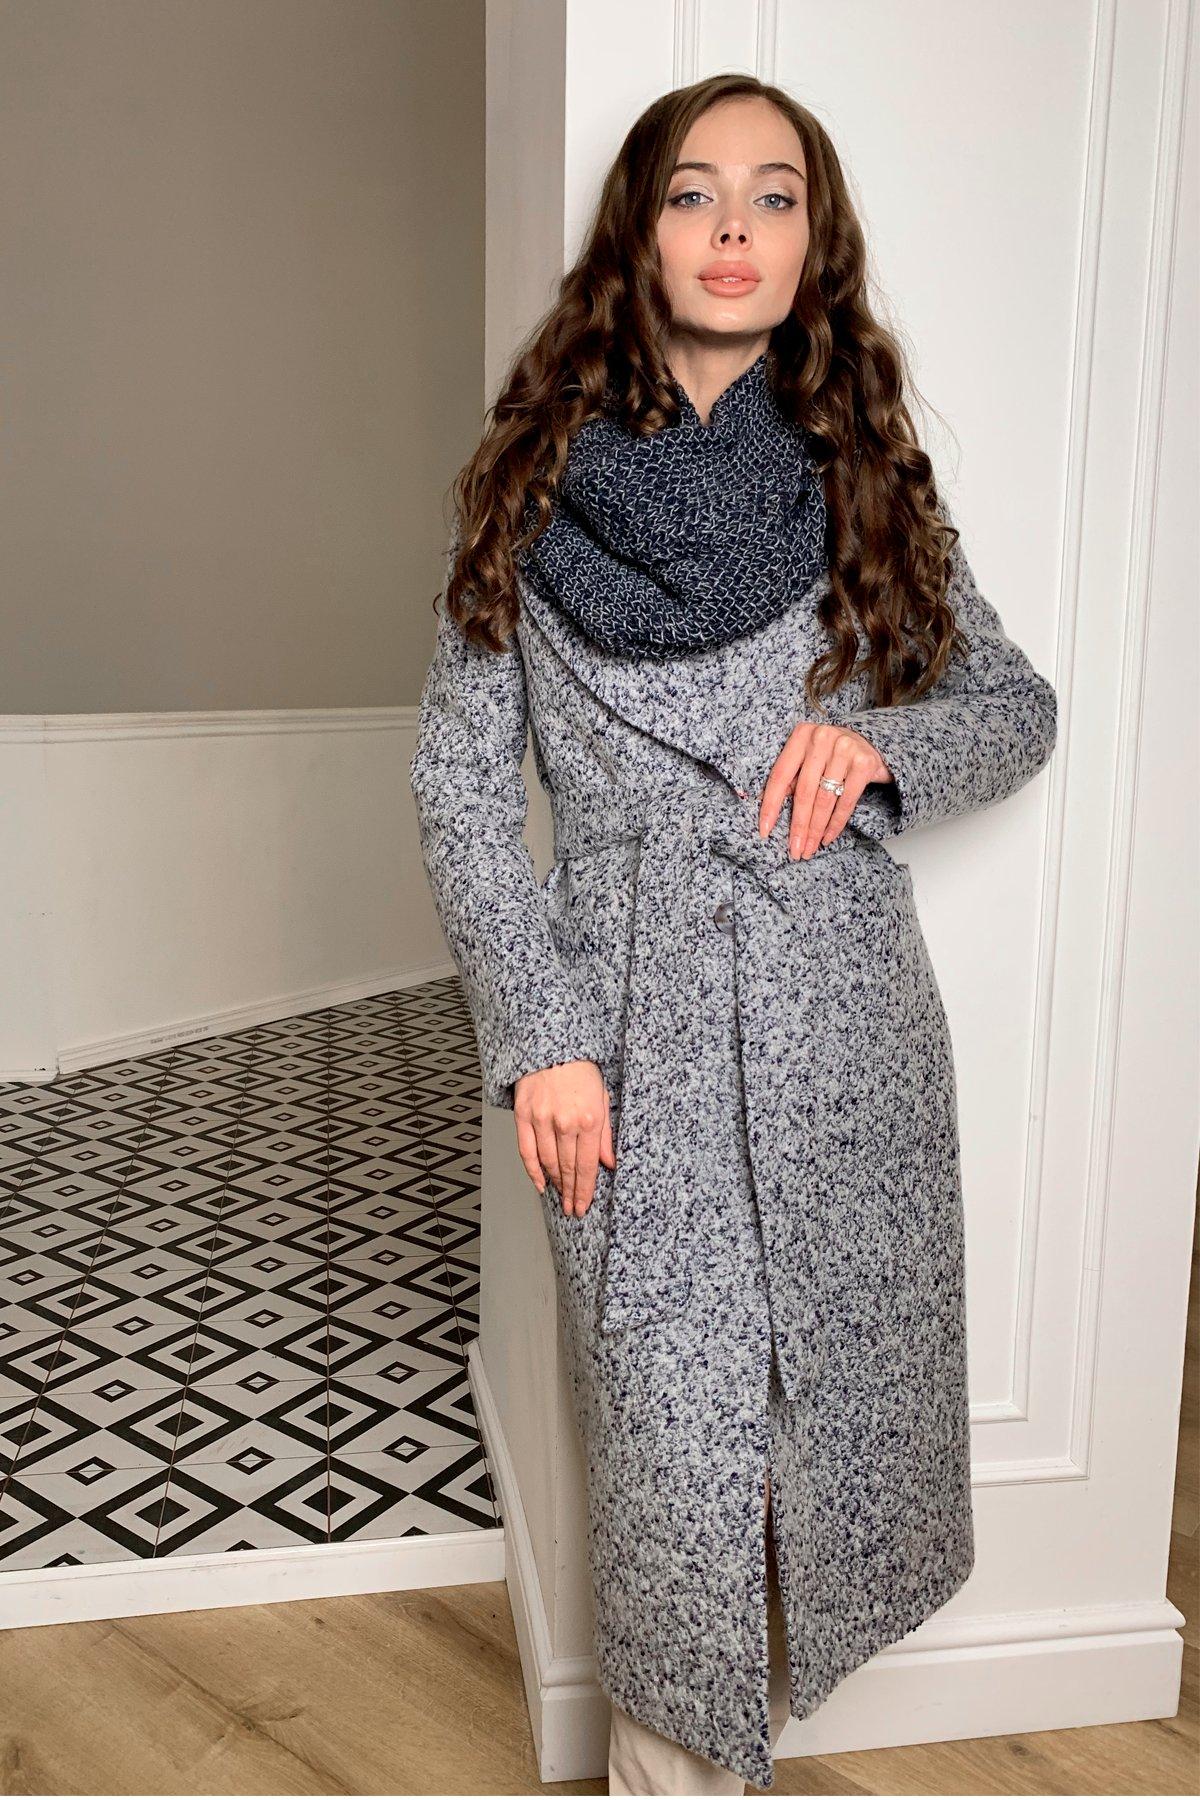 Теплое зимнее пальто буклированная шерсть Вива макси 8349 АРТ. 44516 Цвет: Серый/голубой 60 - фото 5, интернет магазин tm-modus.ru